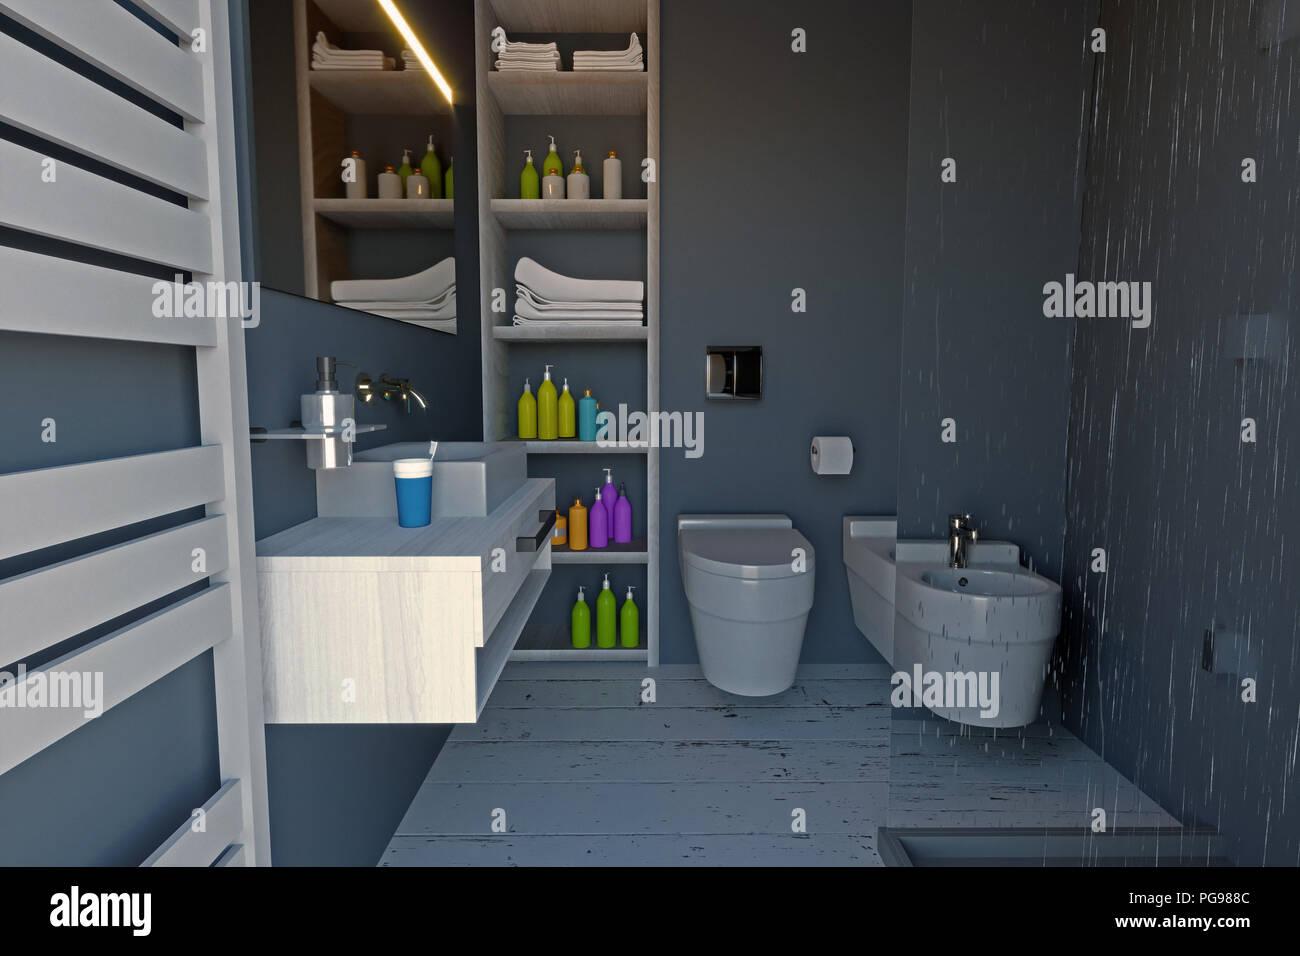 Moderno bagno completo di sanitari, doccia e accessori di ...